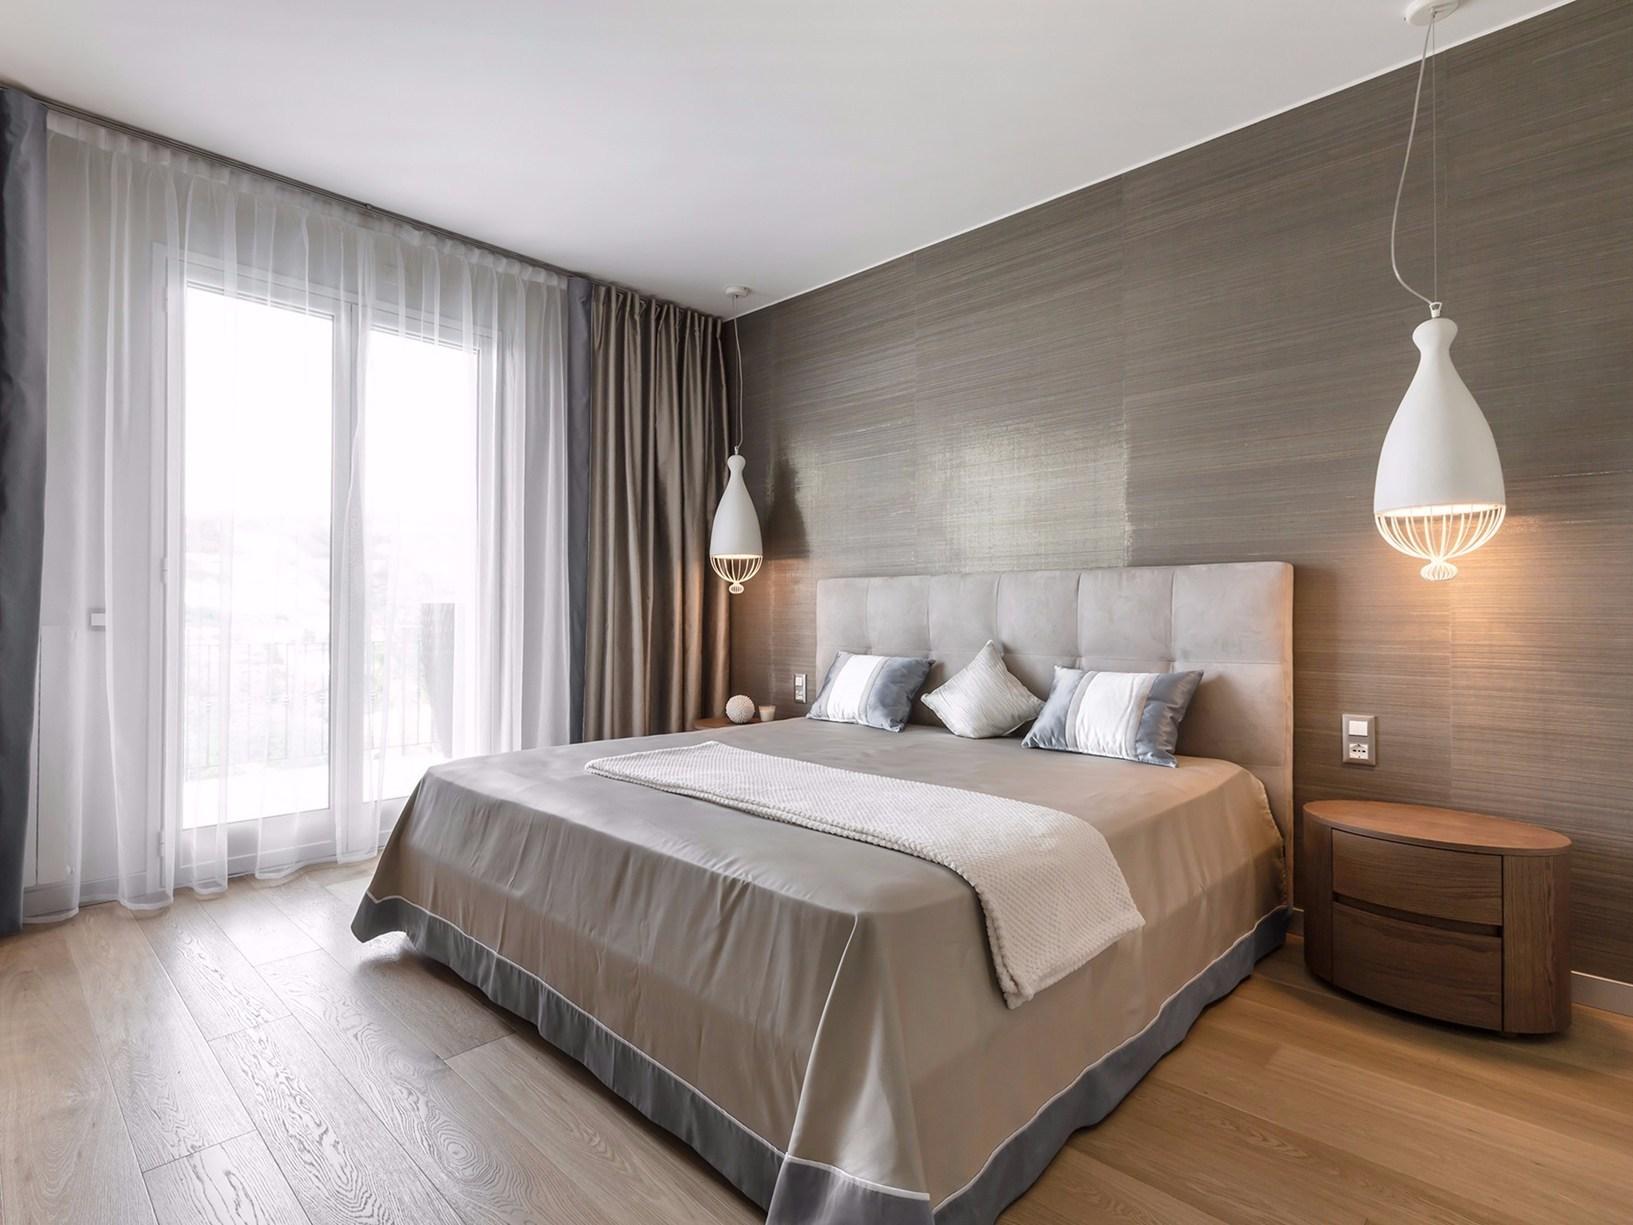 Illuminare l 39 angolo lettura in camera da letto - Luce camera da letto ...